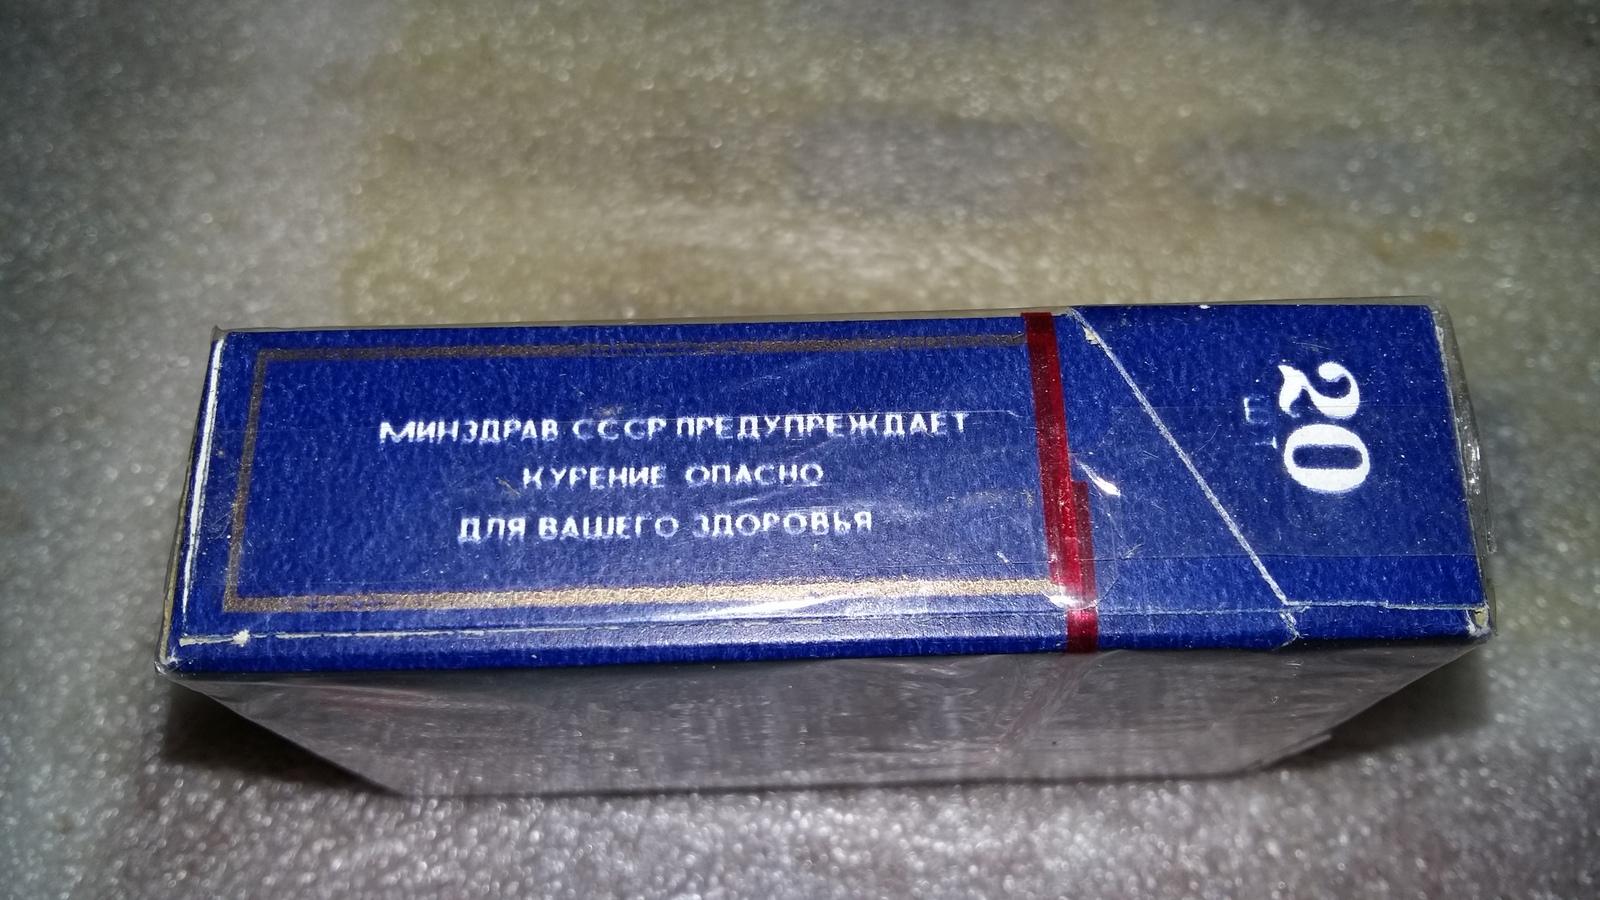 сигареты космос где можно купить